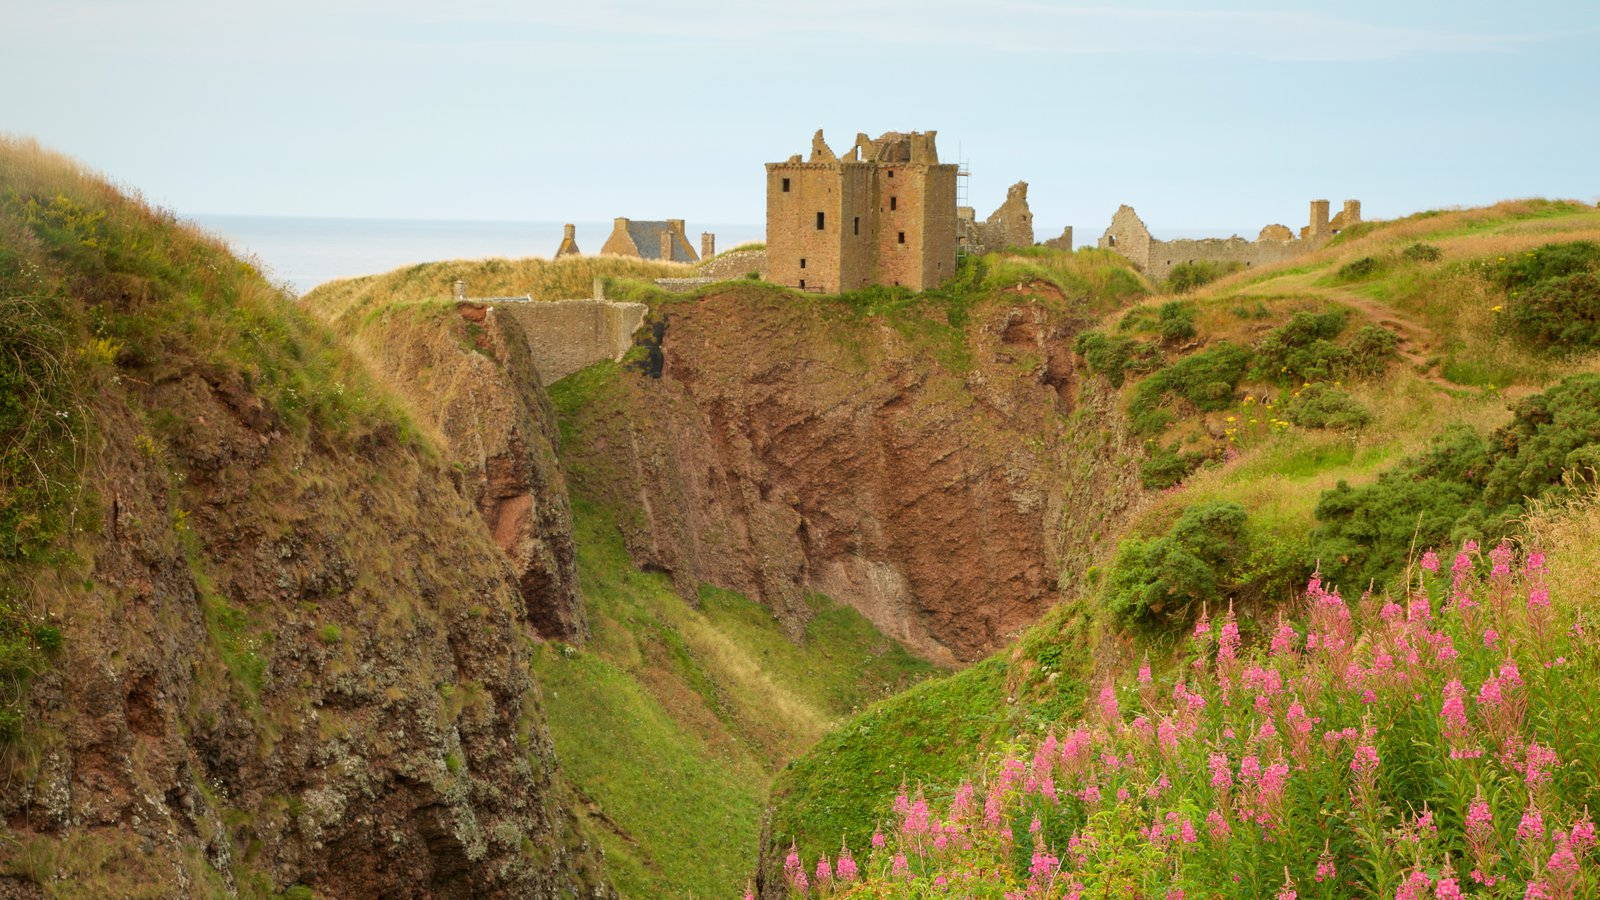 Dunnottar Castle ofreciendo tierras de cultivo y un barranco o cañón